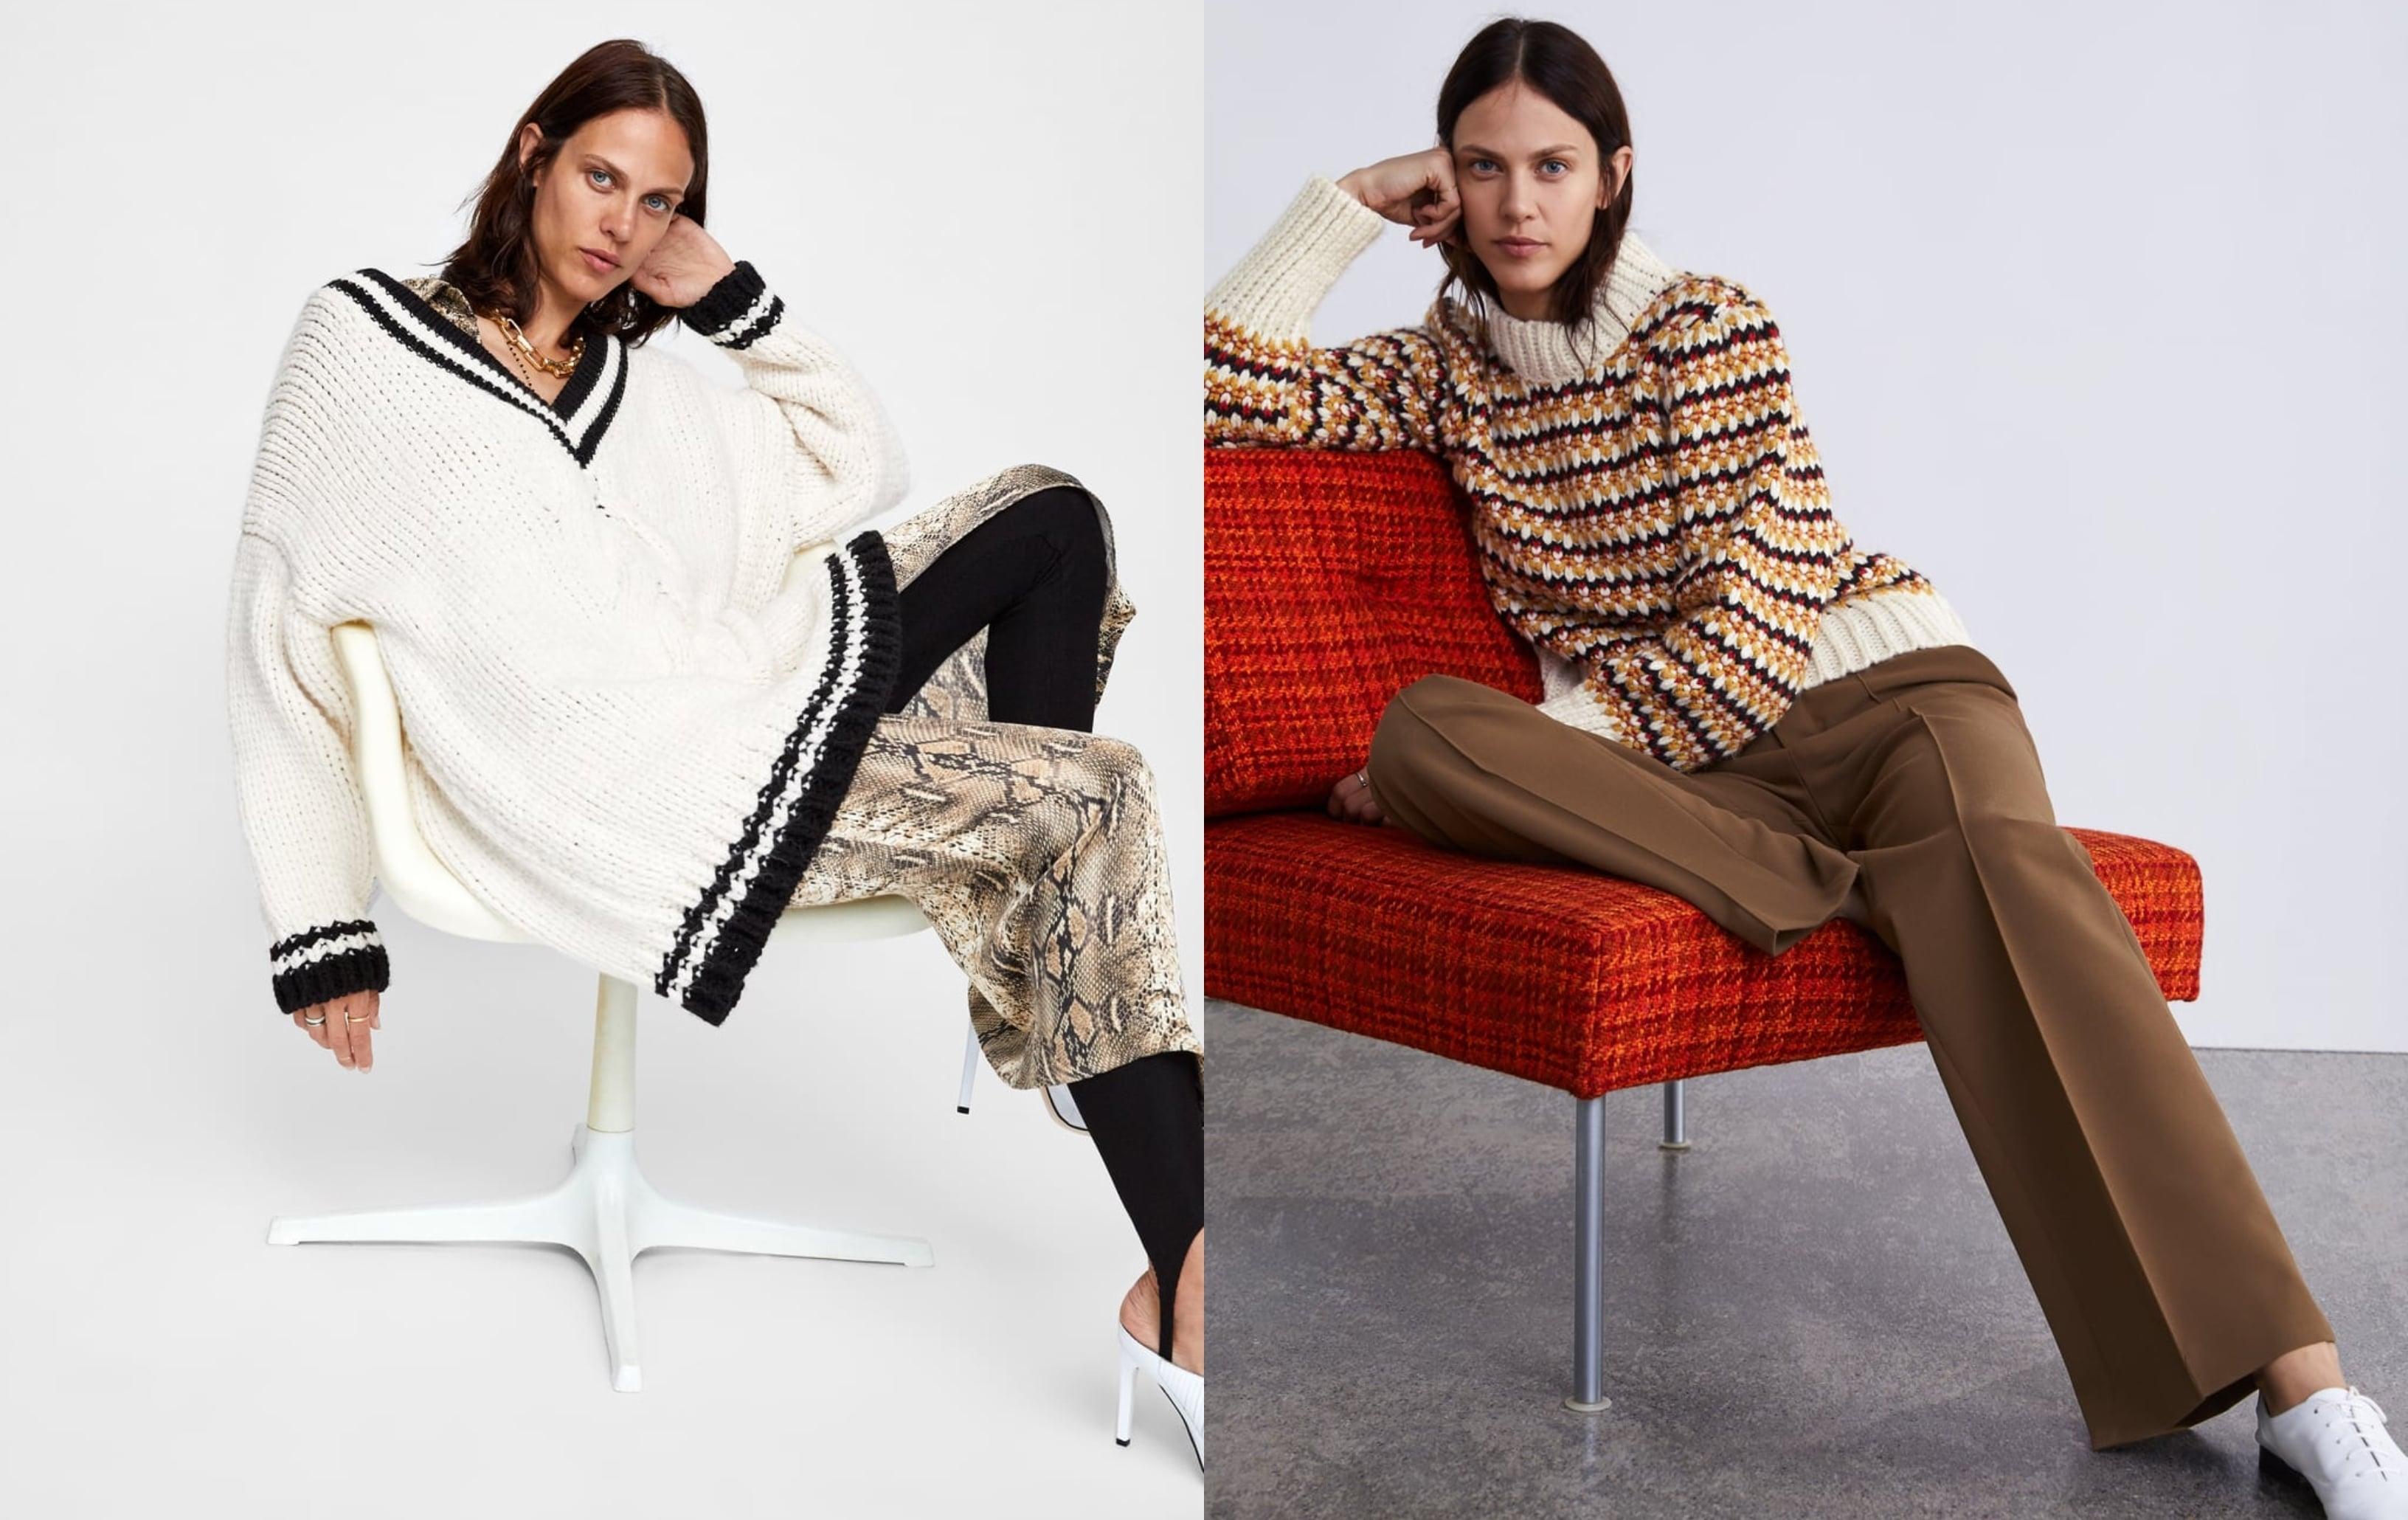 Pravo je vrijeme za uhvatiti odlične džempere po sniženim cijenama